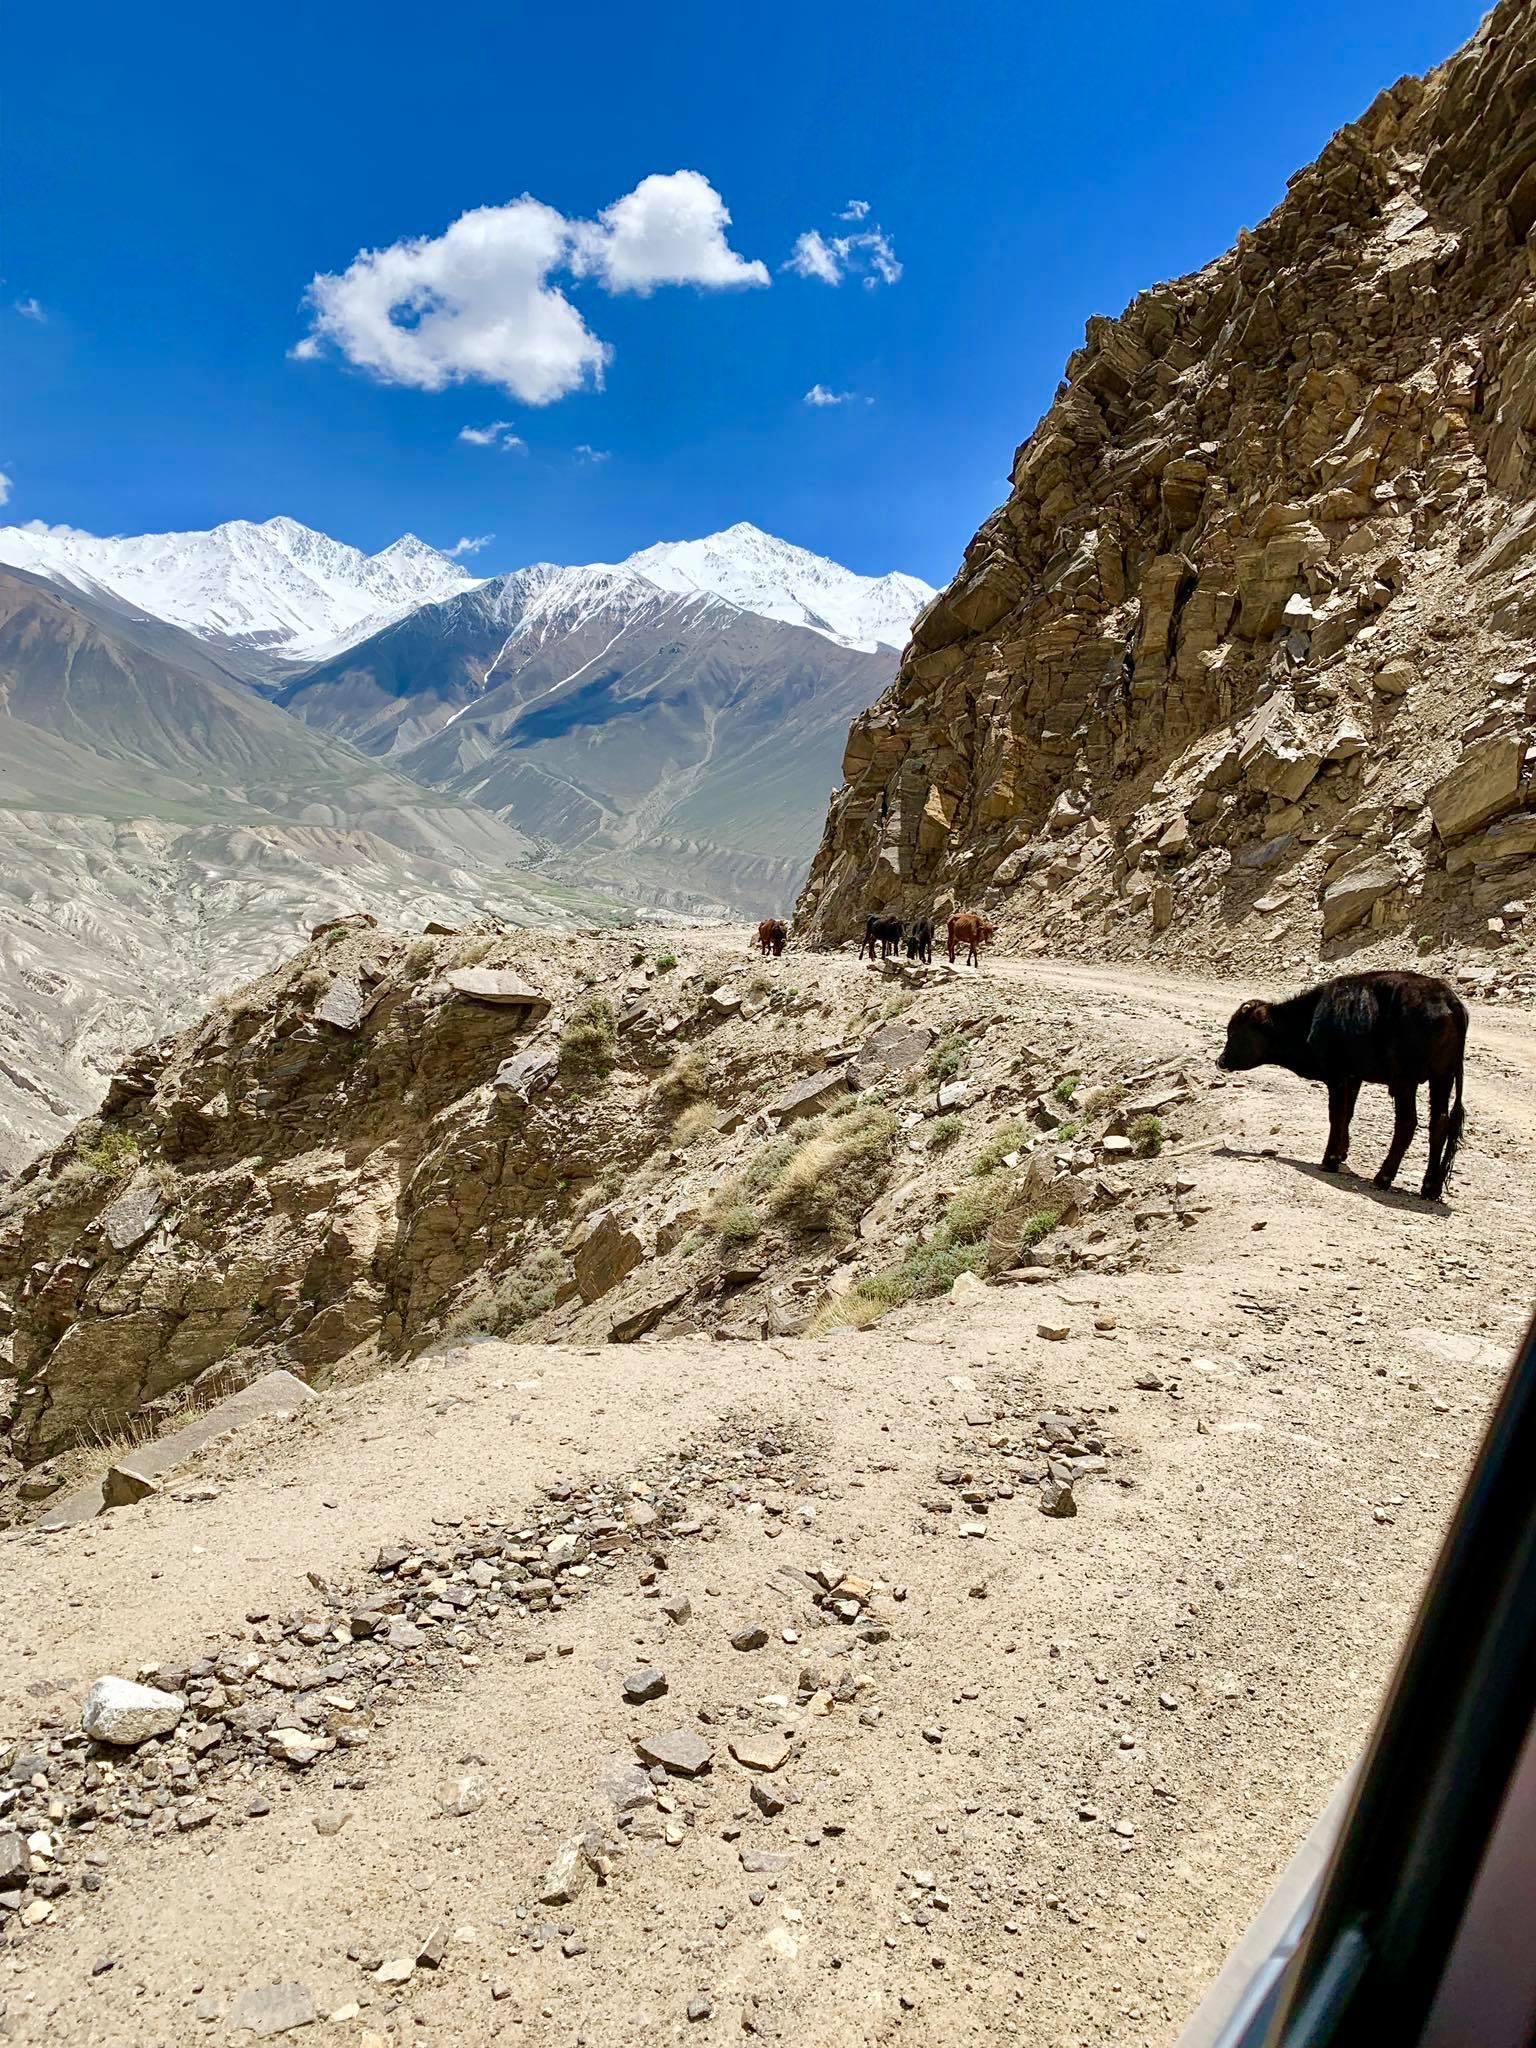 Kach Solo Travels in 2019 Homestay at Bulunkul Village13.jpg